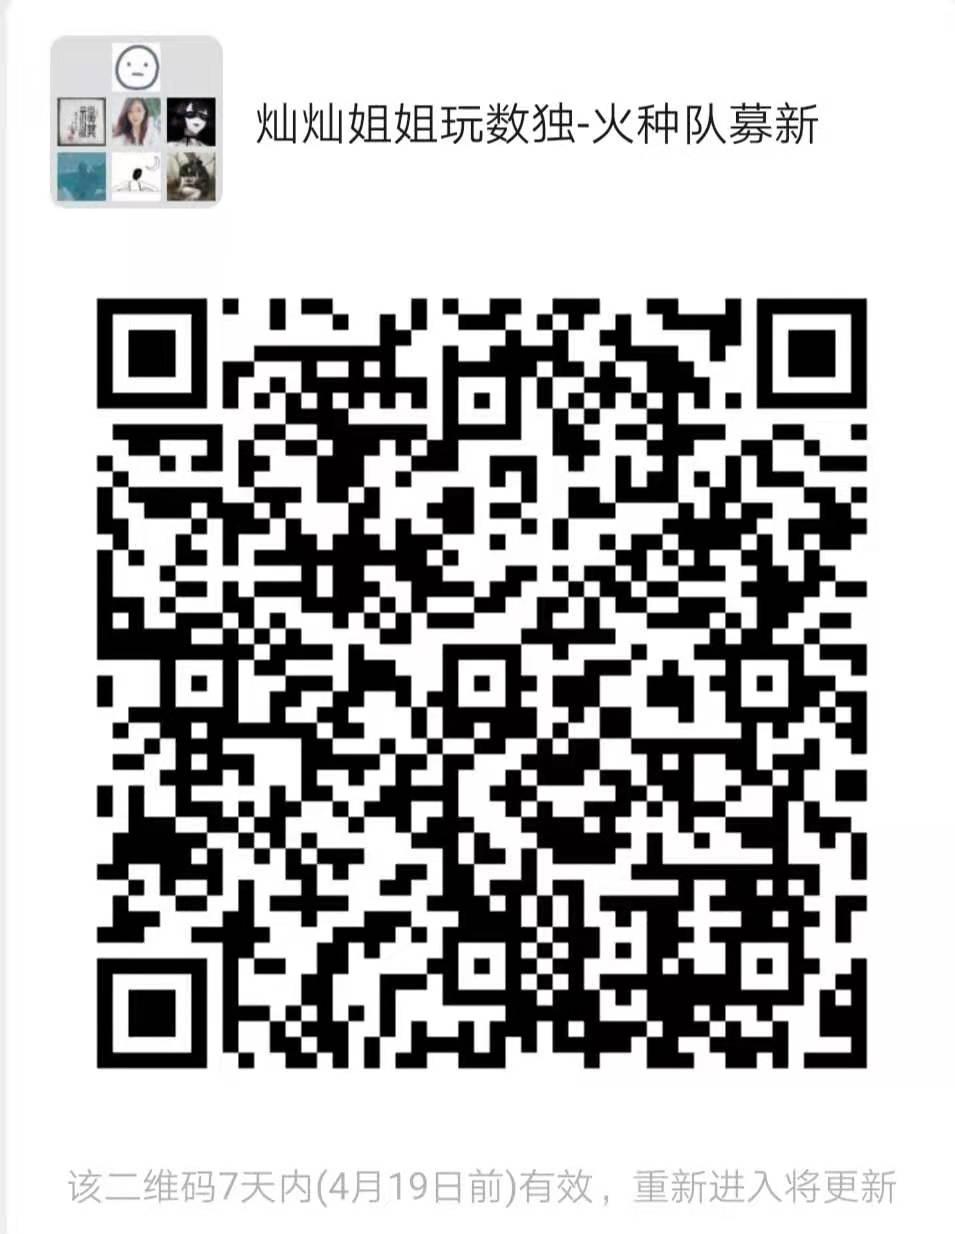 1cb26f46ade825012cd93d84d734ad22.jpg